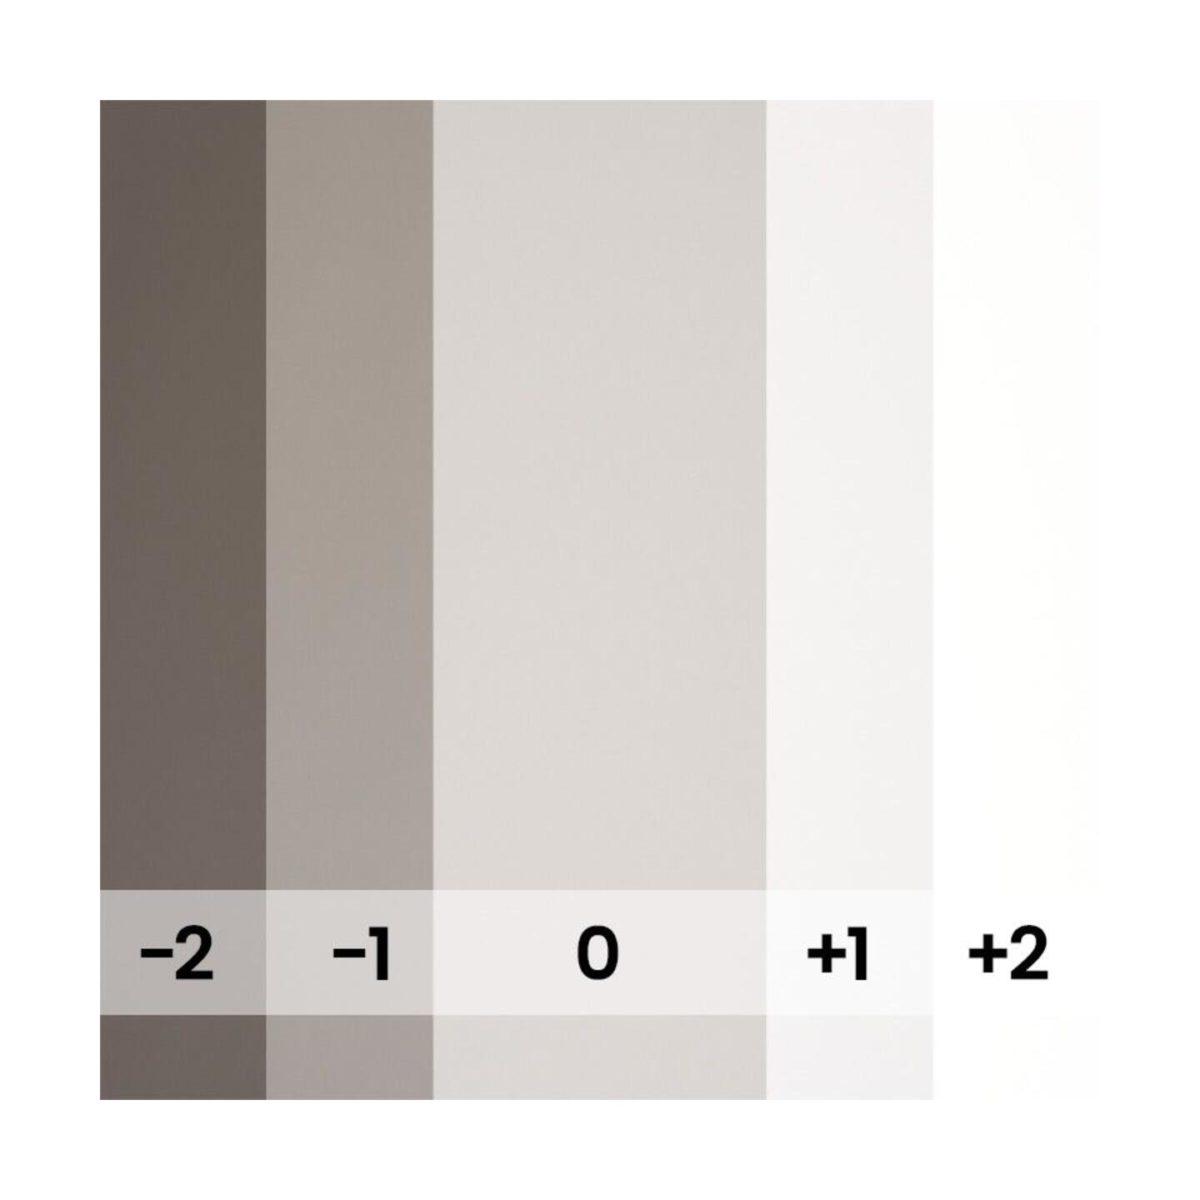 bd_backgrounds_123_pursuit_gray_03